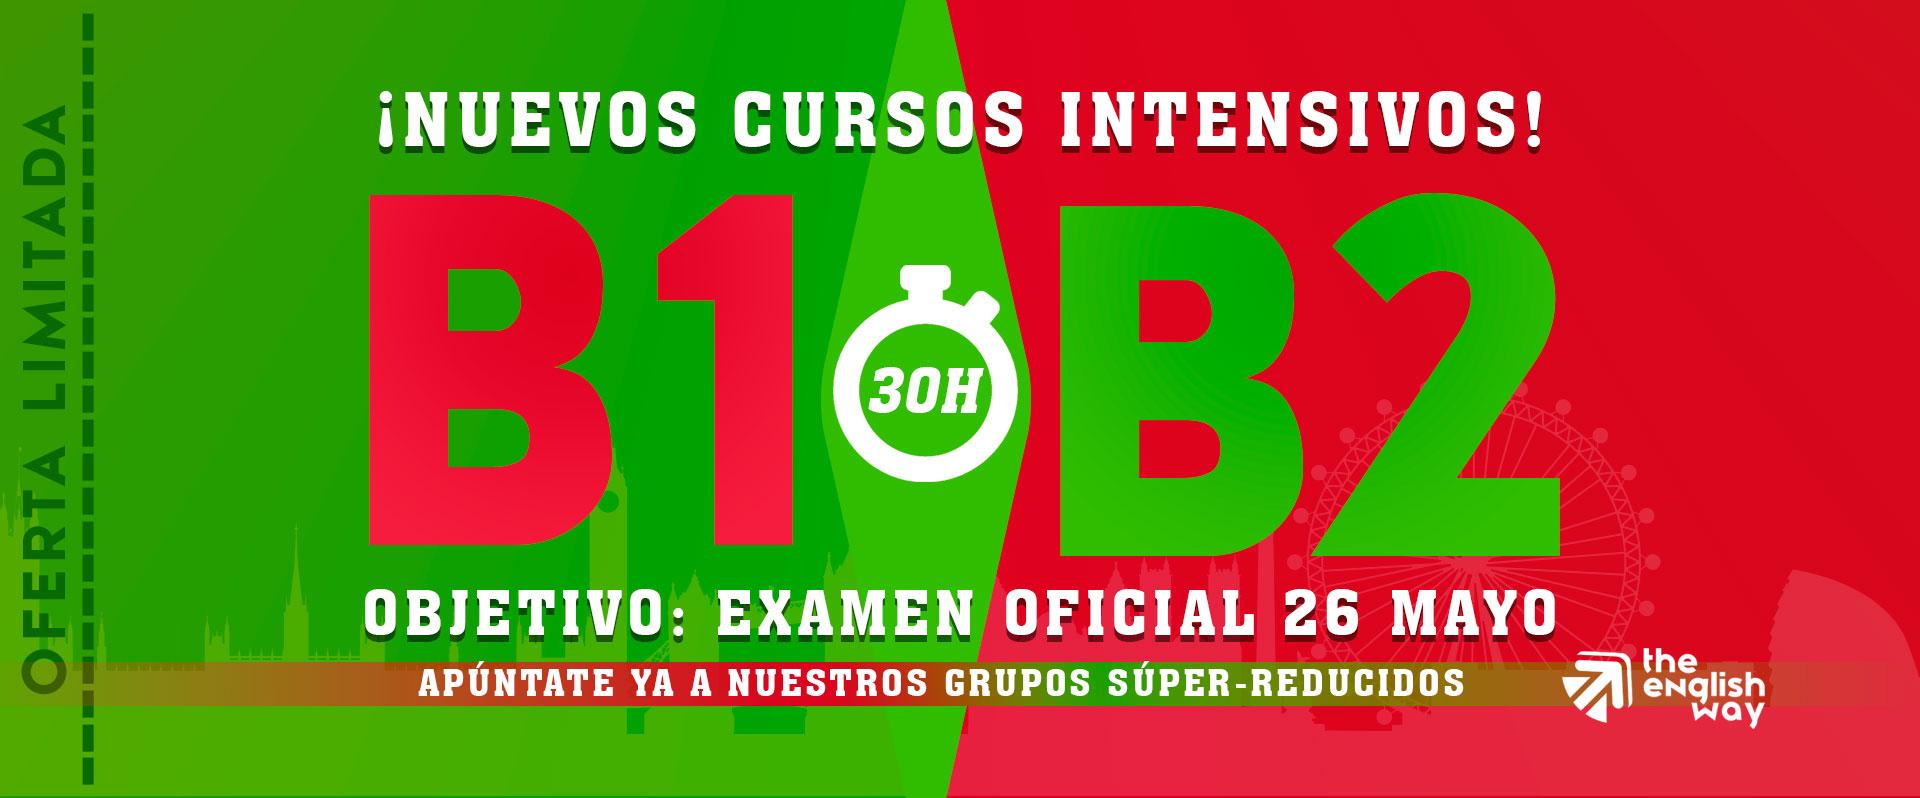 Oferta curso inglés B1 y B2 intensivo en Zaragoza